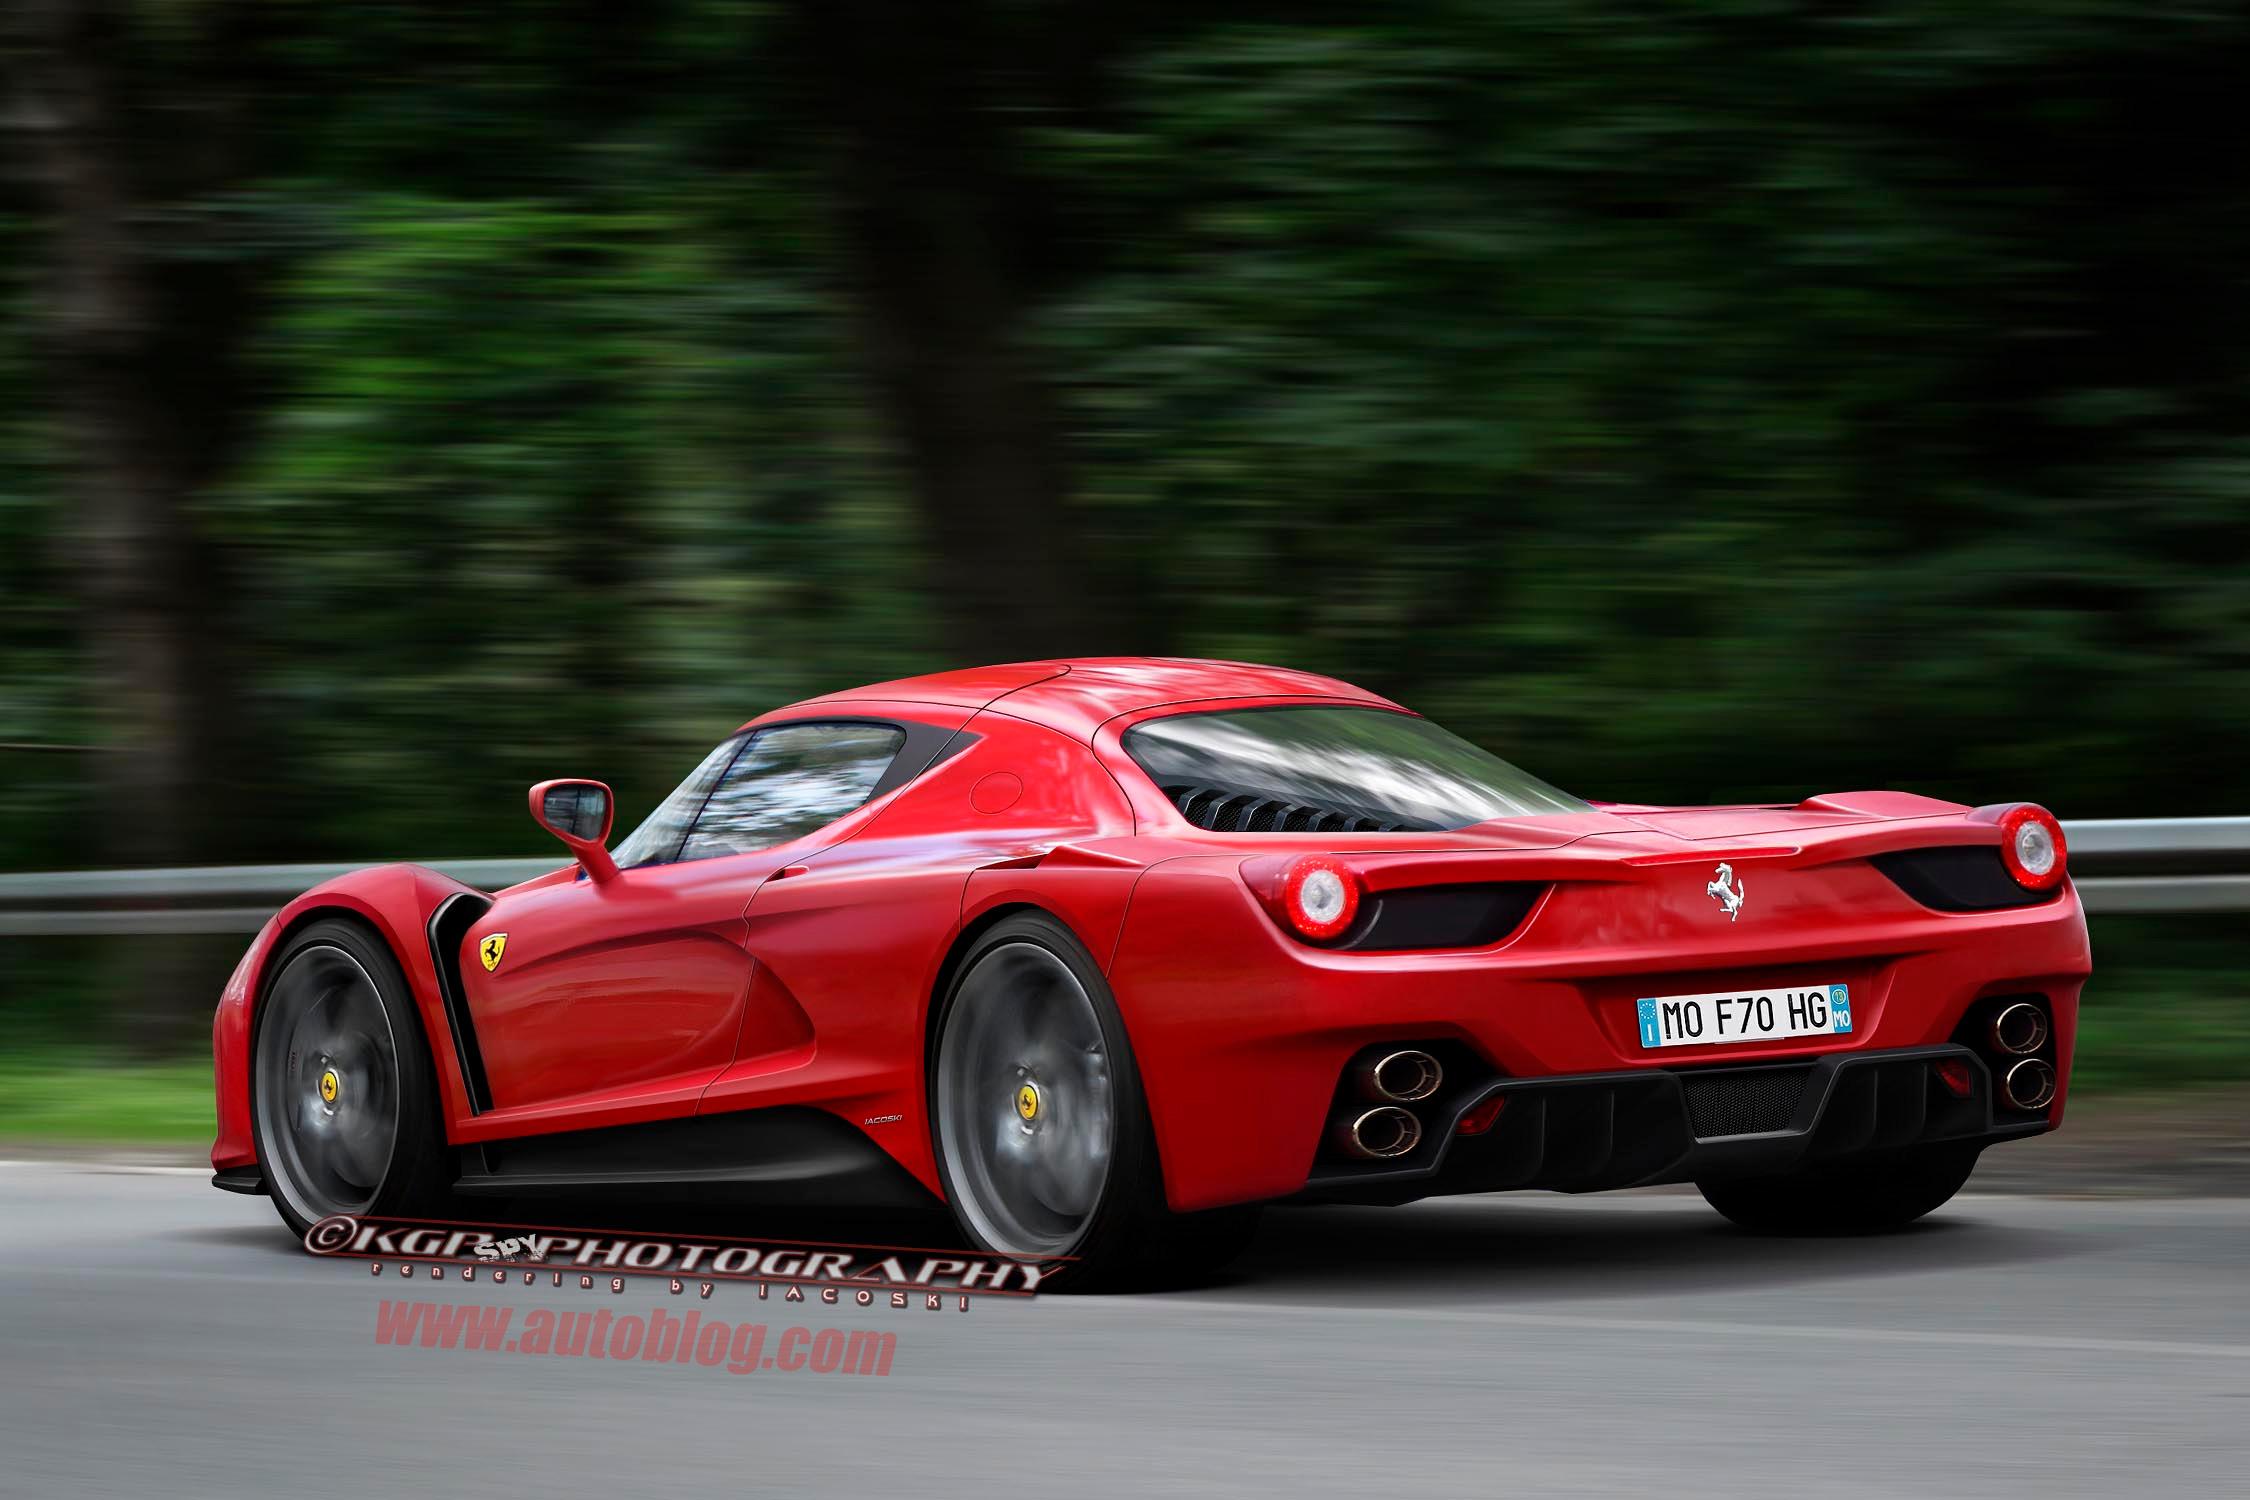 ferrari - Ferrari 2014 Enzo